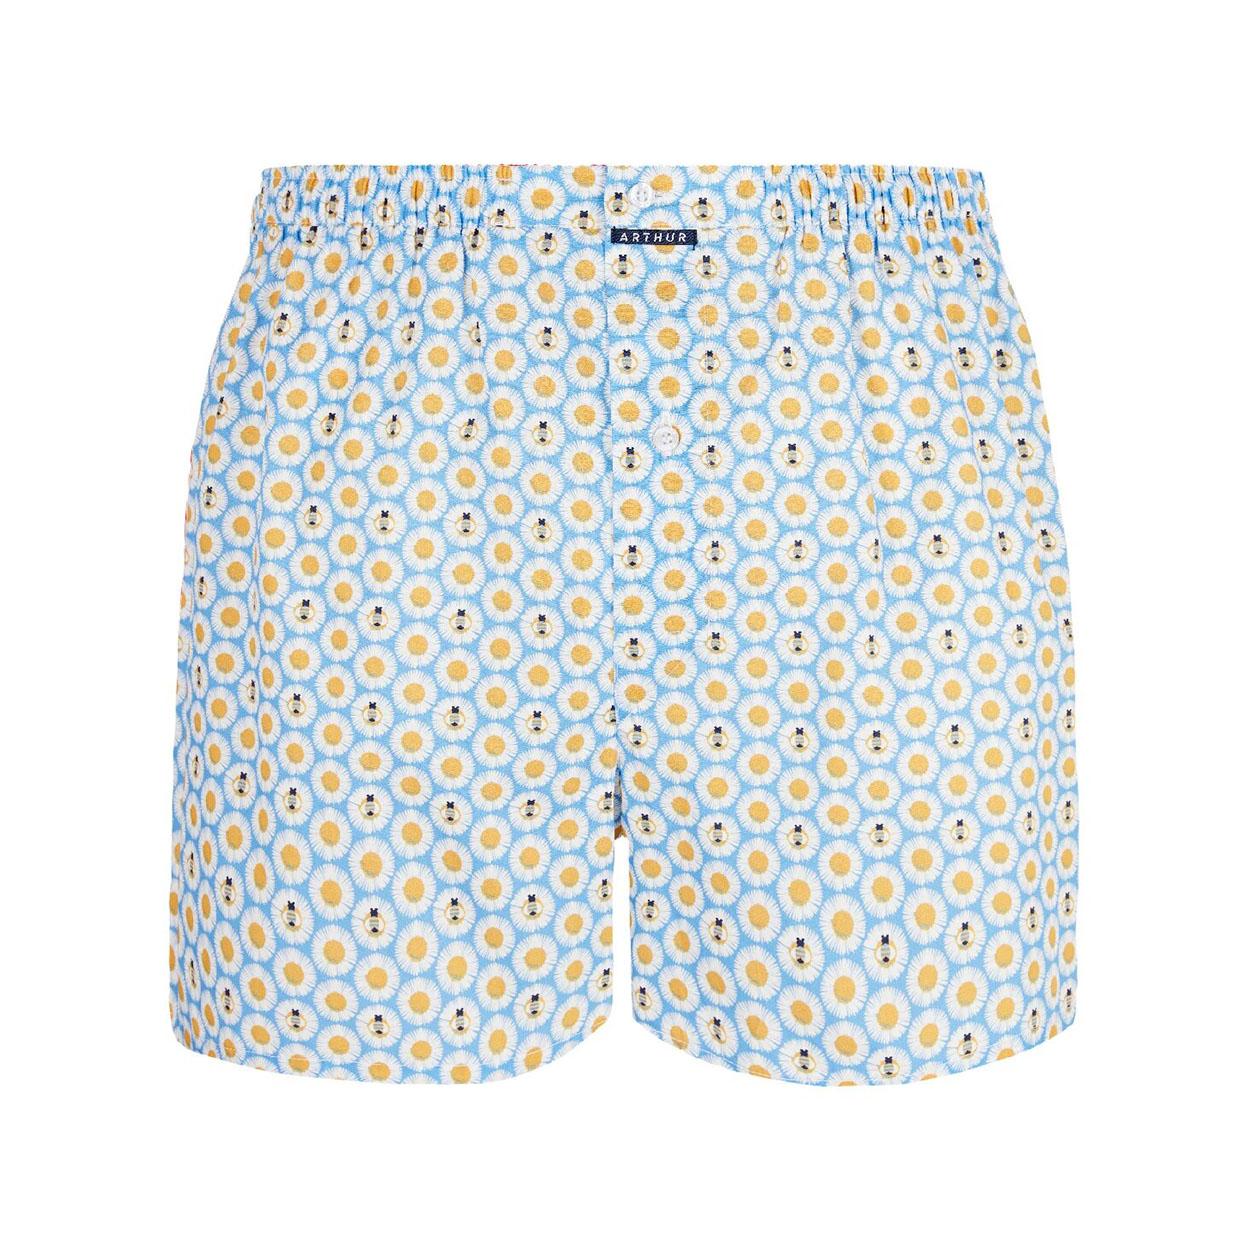 Caleçon club  paque en coton biologique bleu ciel à motifs marguerites blanches et jaunes